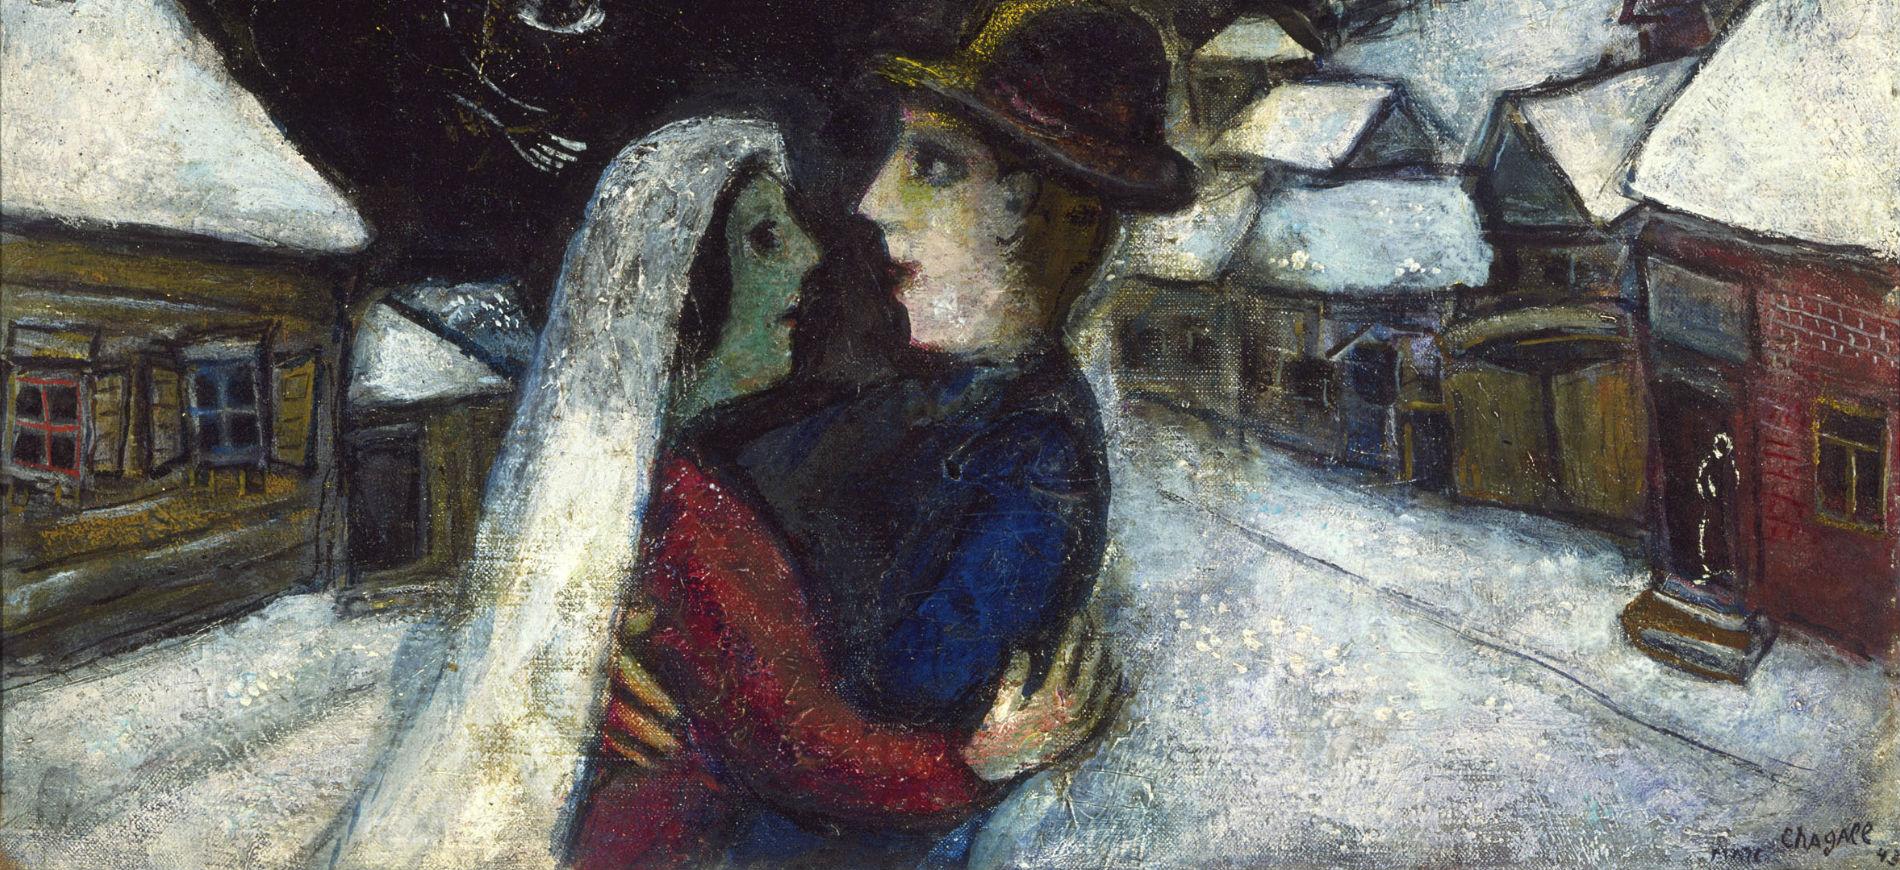 Palazzo Reale, Milano: in mostra Marc Chagall Nella notte, 1943 olio su tela, 47 x 52.4 cm Philadelphia Museum of Art, Collezione Louis E. Stern, 1963 (close up)